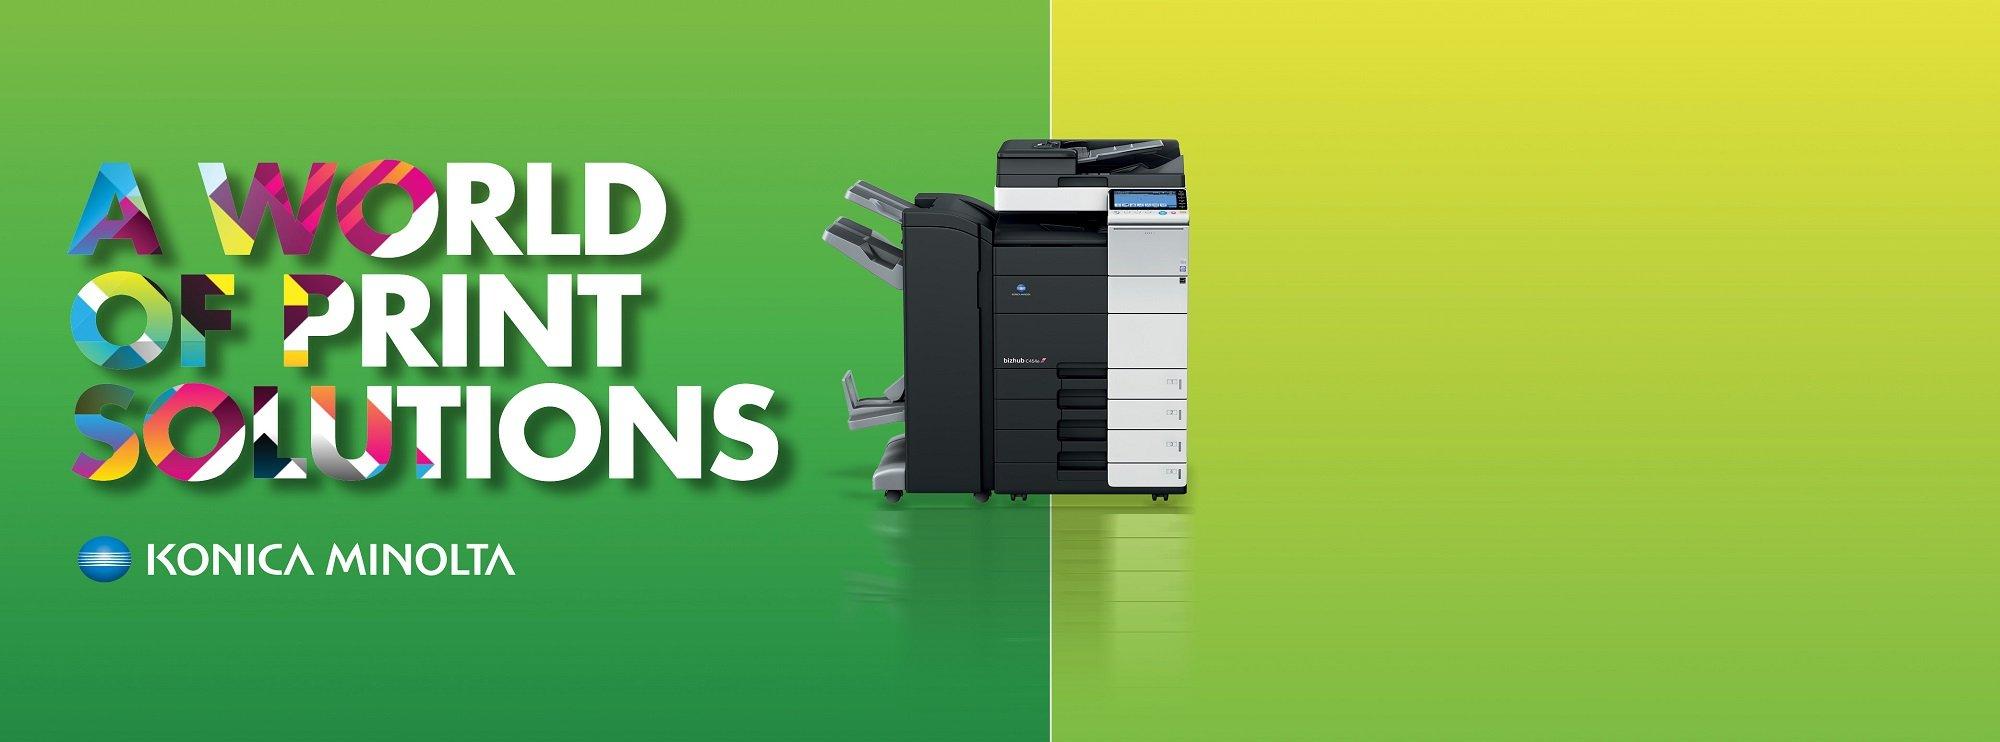 14 222 printers bunners 2000x7426 1 1, מדפסות לייזר צבע, מכשיר כריכה ספירלי, מדפסות לייזר צבעוניות, מדפסות לייזר למשרד